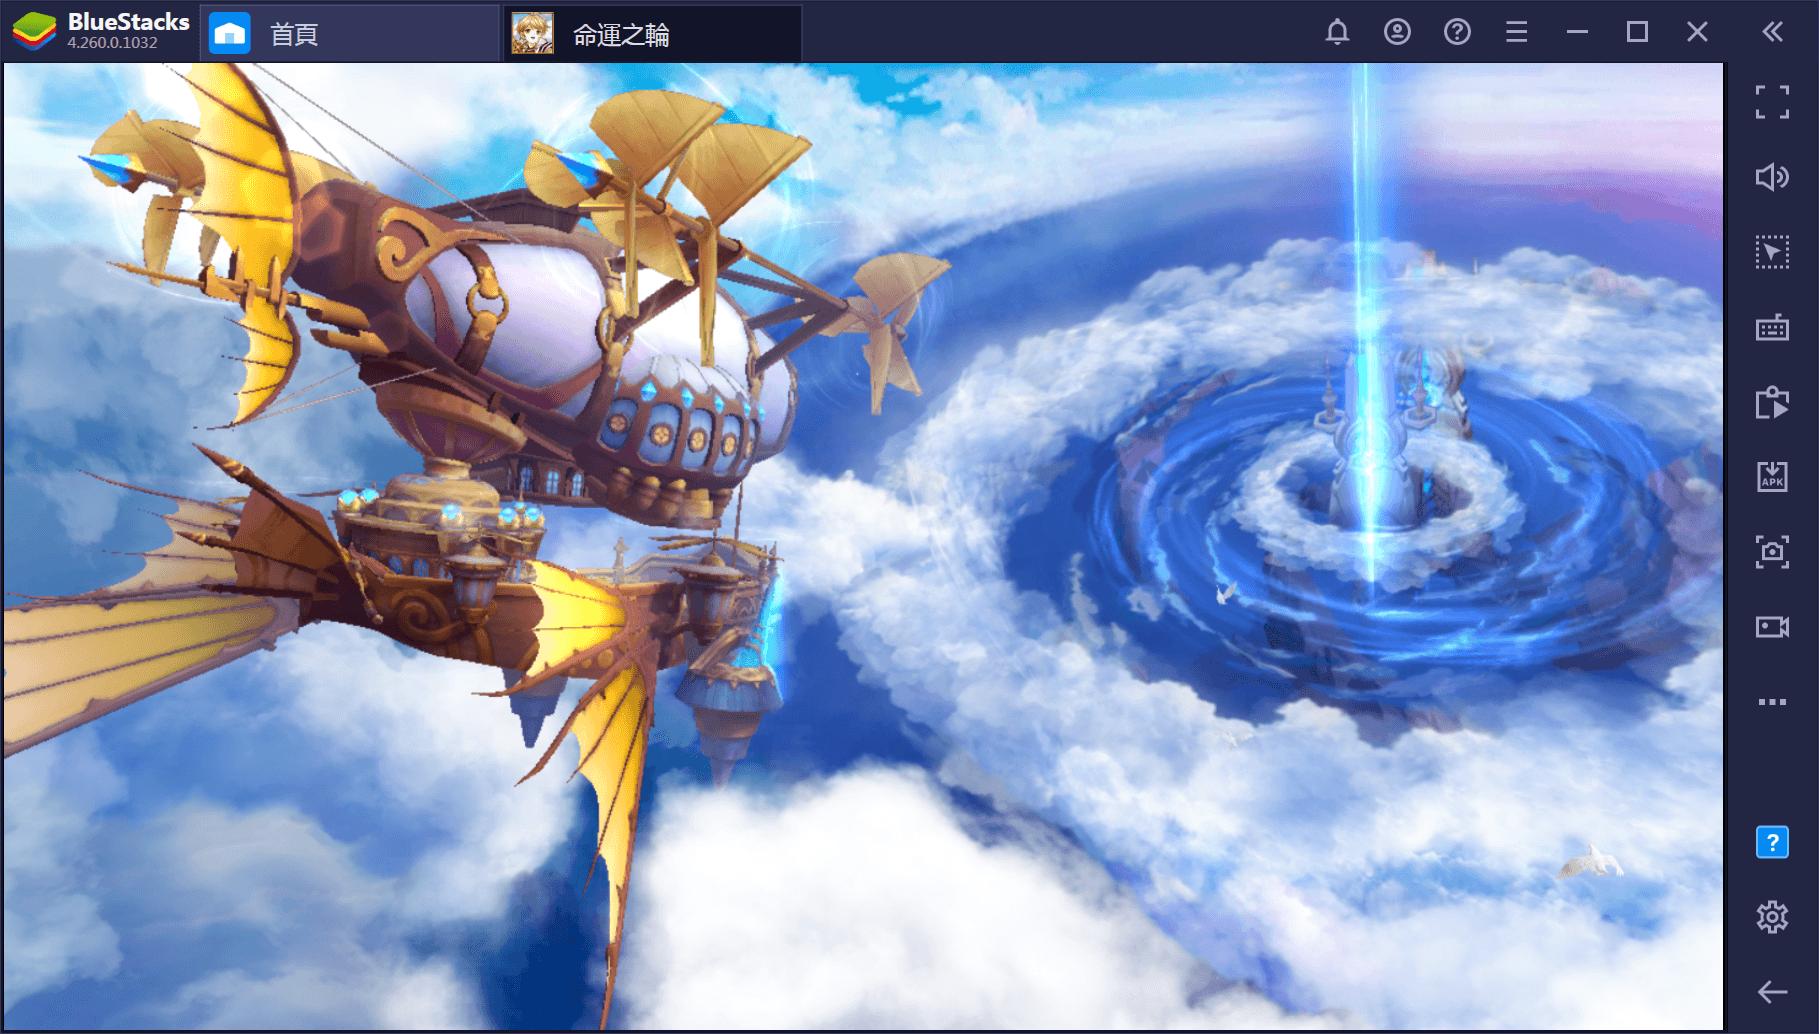 使用BlueStacks在PC上體驗MMORPG手機遊戲《命運之輪》